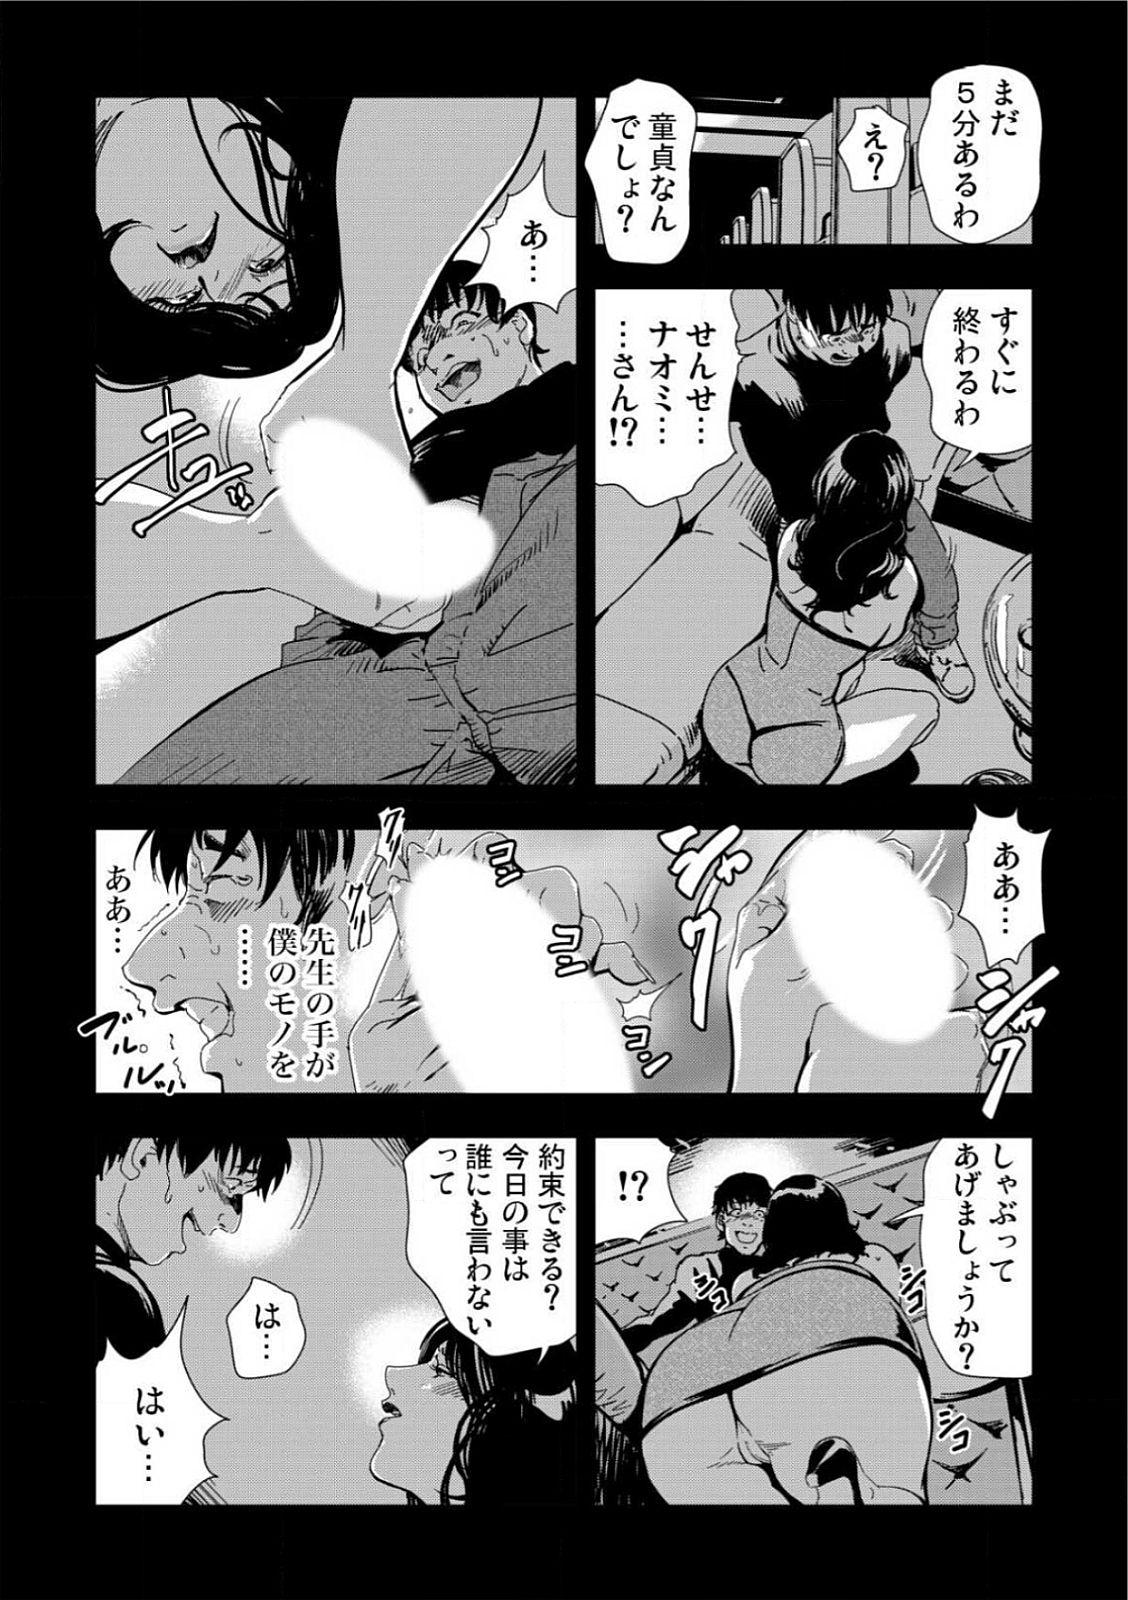 [Misaki Yukihiro] Kyousei Shidou ~Mechakucha ni Kegasarete~ (1)~(6) [Digital] 58